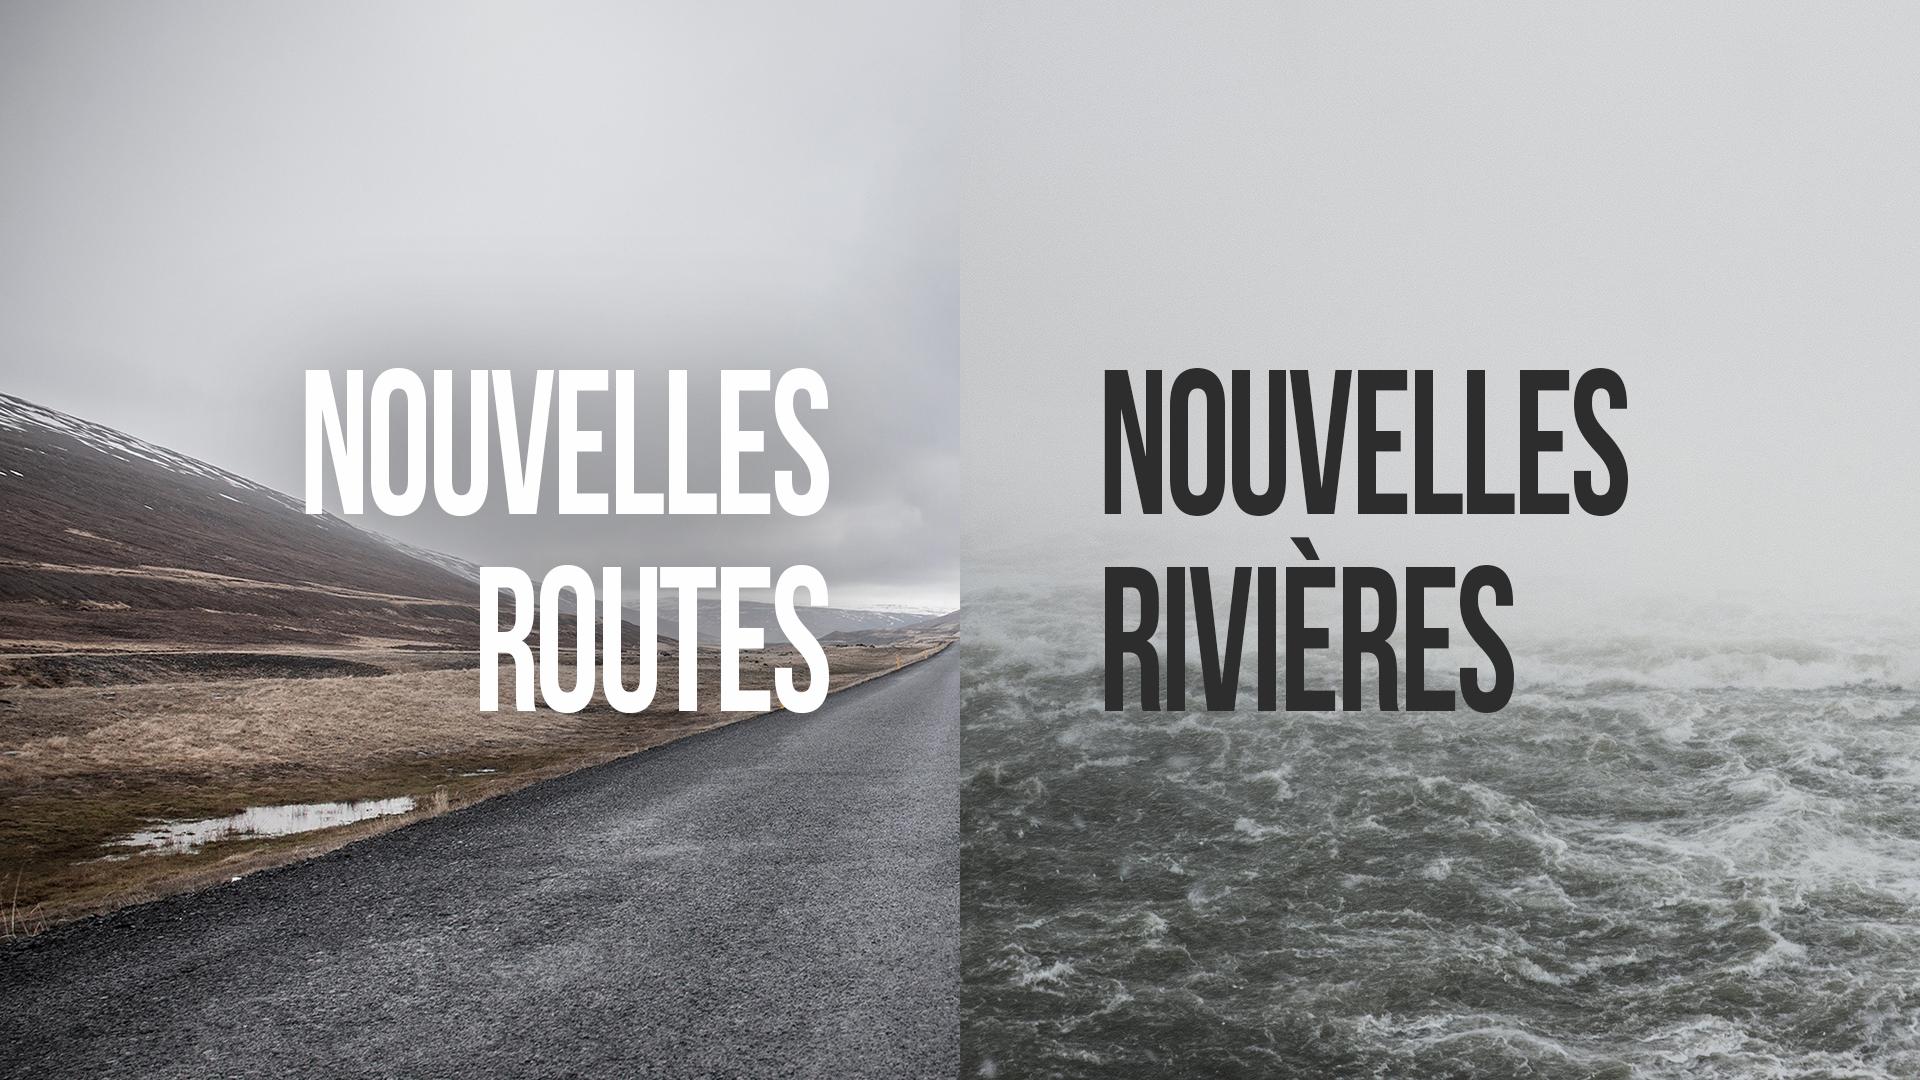 21.Thumbnail_LVC_Nouvelles Routes Nouvelles Rivières.jpg